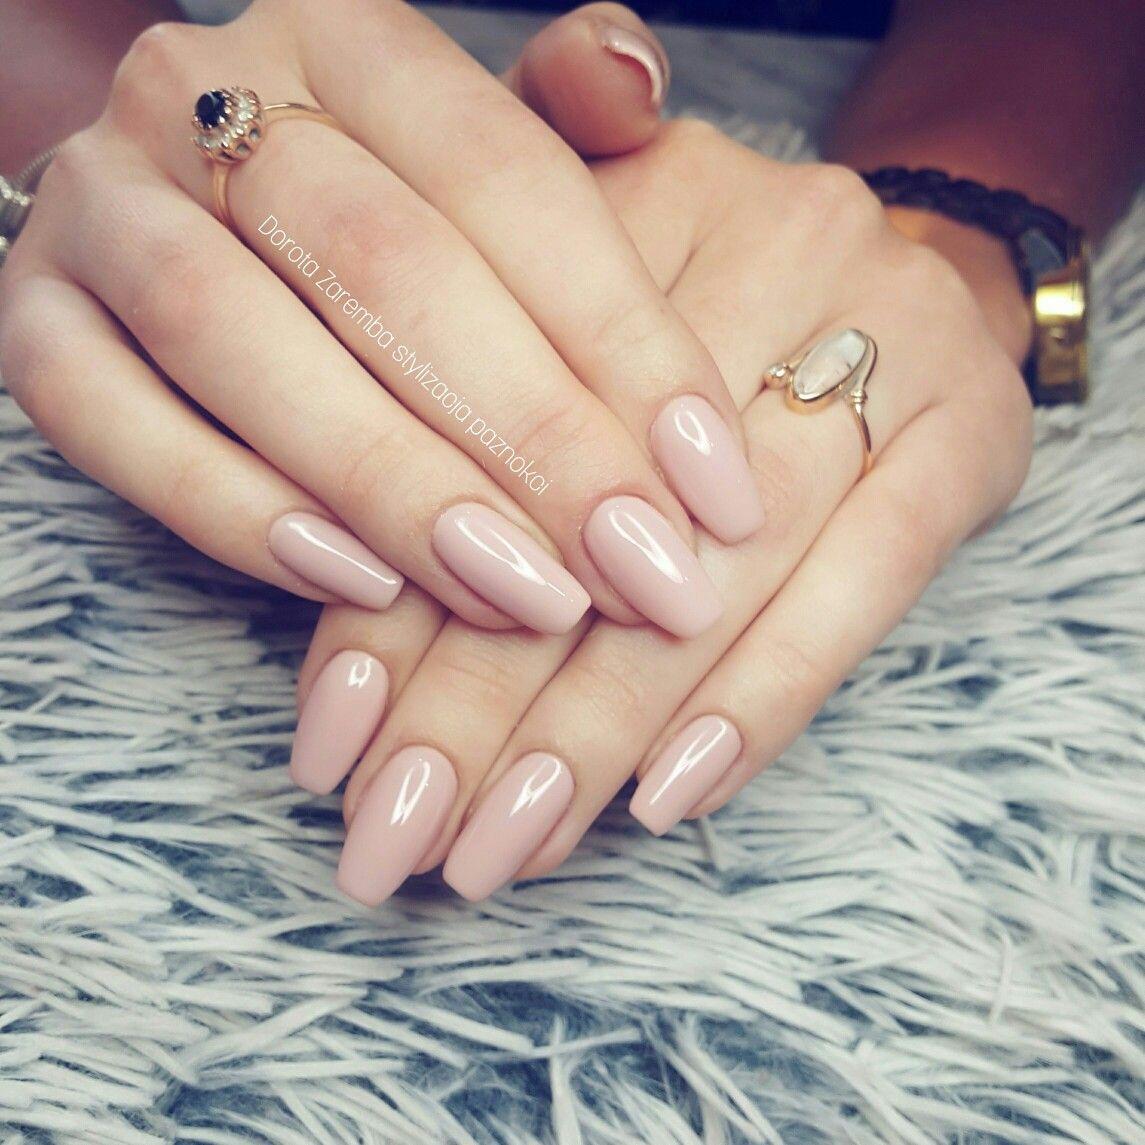 Natural nails, nude nails, design nails, glamour nails, style nails - Natural Nails, Nude Nails, Design Nails, Glamour Nails, Style